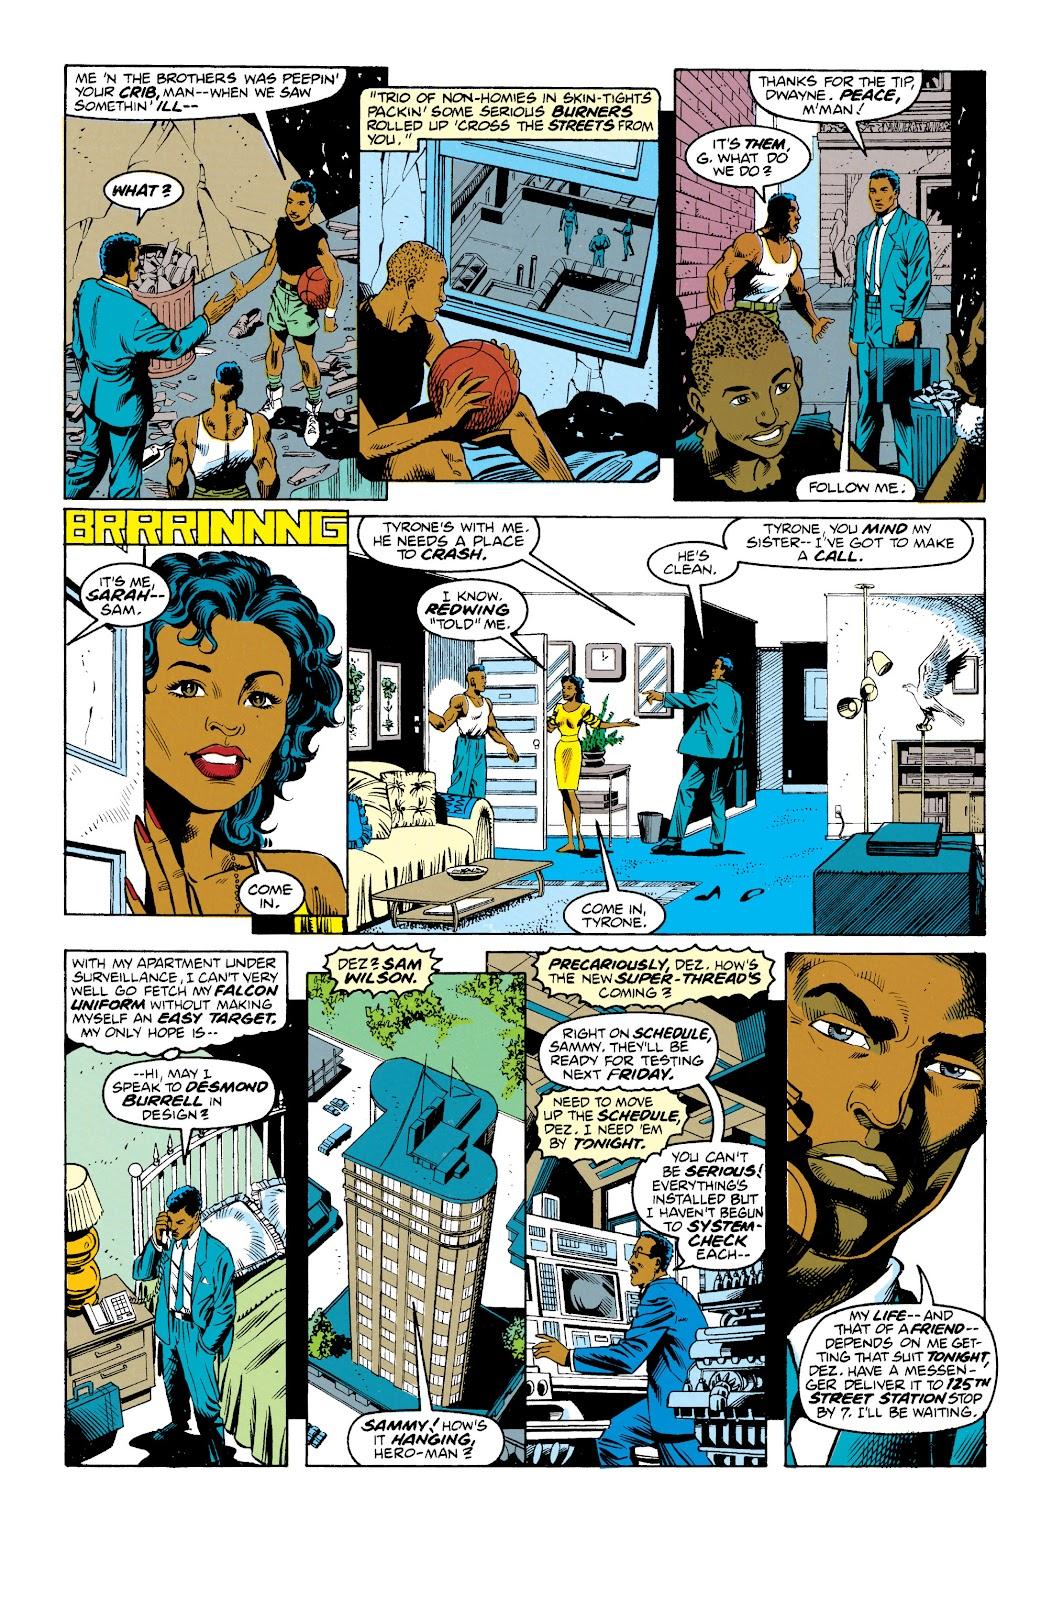 Read online Avengers: Citizen Kang comic -  Issue # TPB (Part 1) - 37